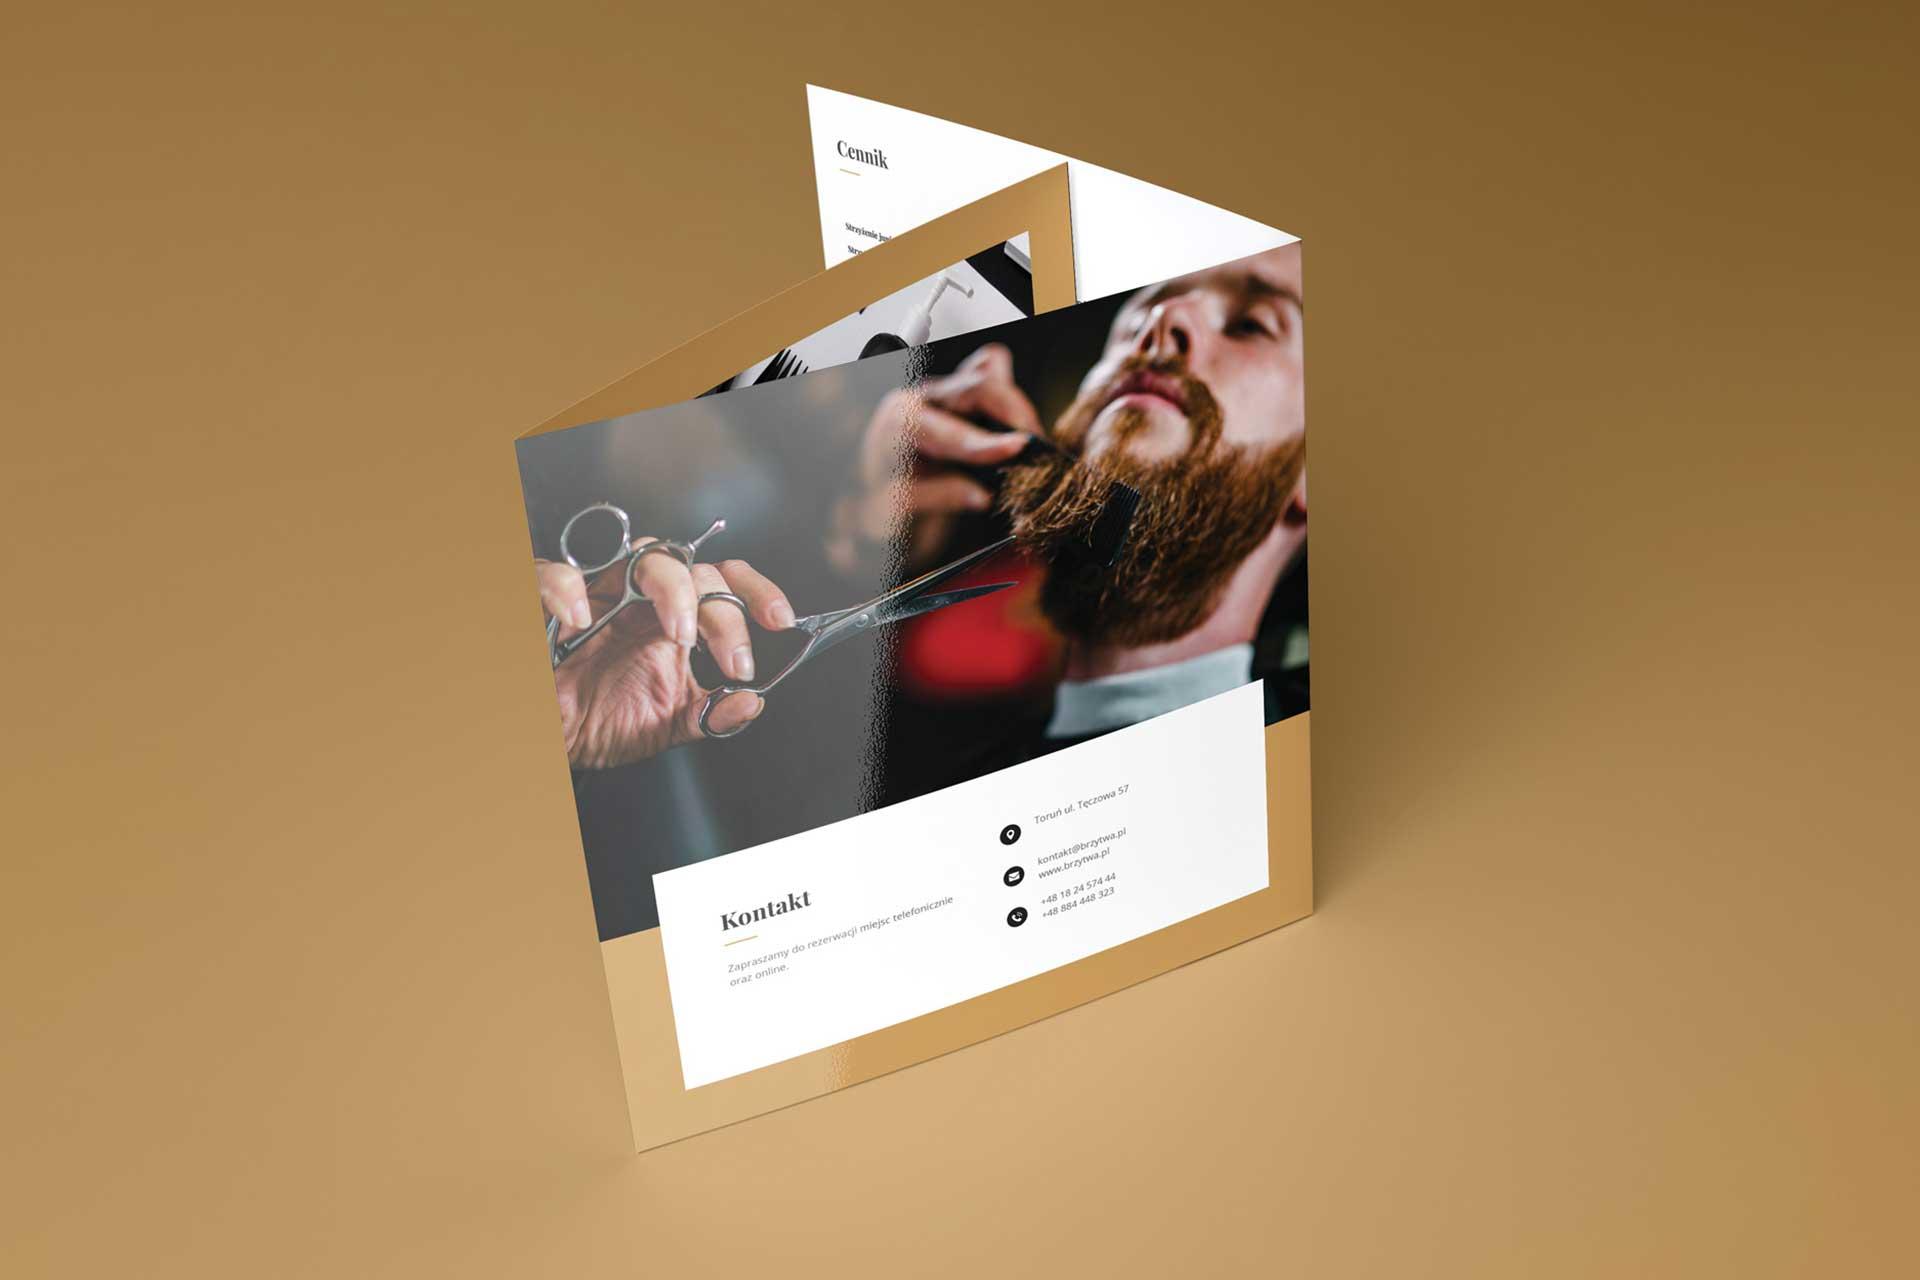 Identyfikacja wizualna w Cobance Studio - case study Brzytwa BarberShop broszura ulotka barber 5